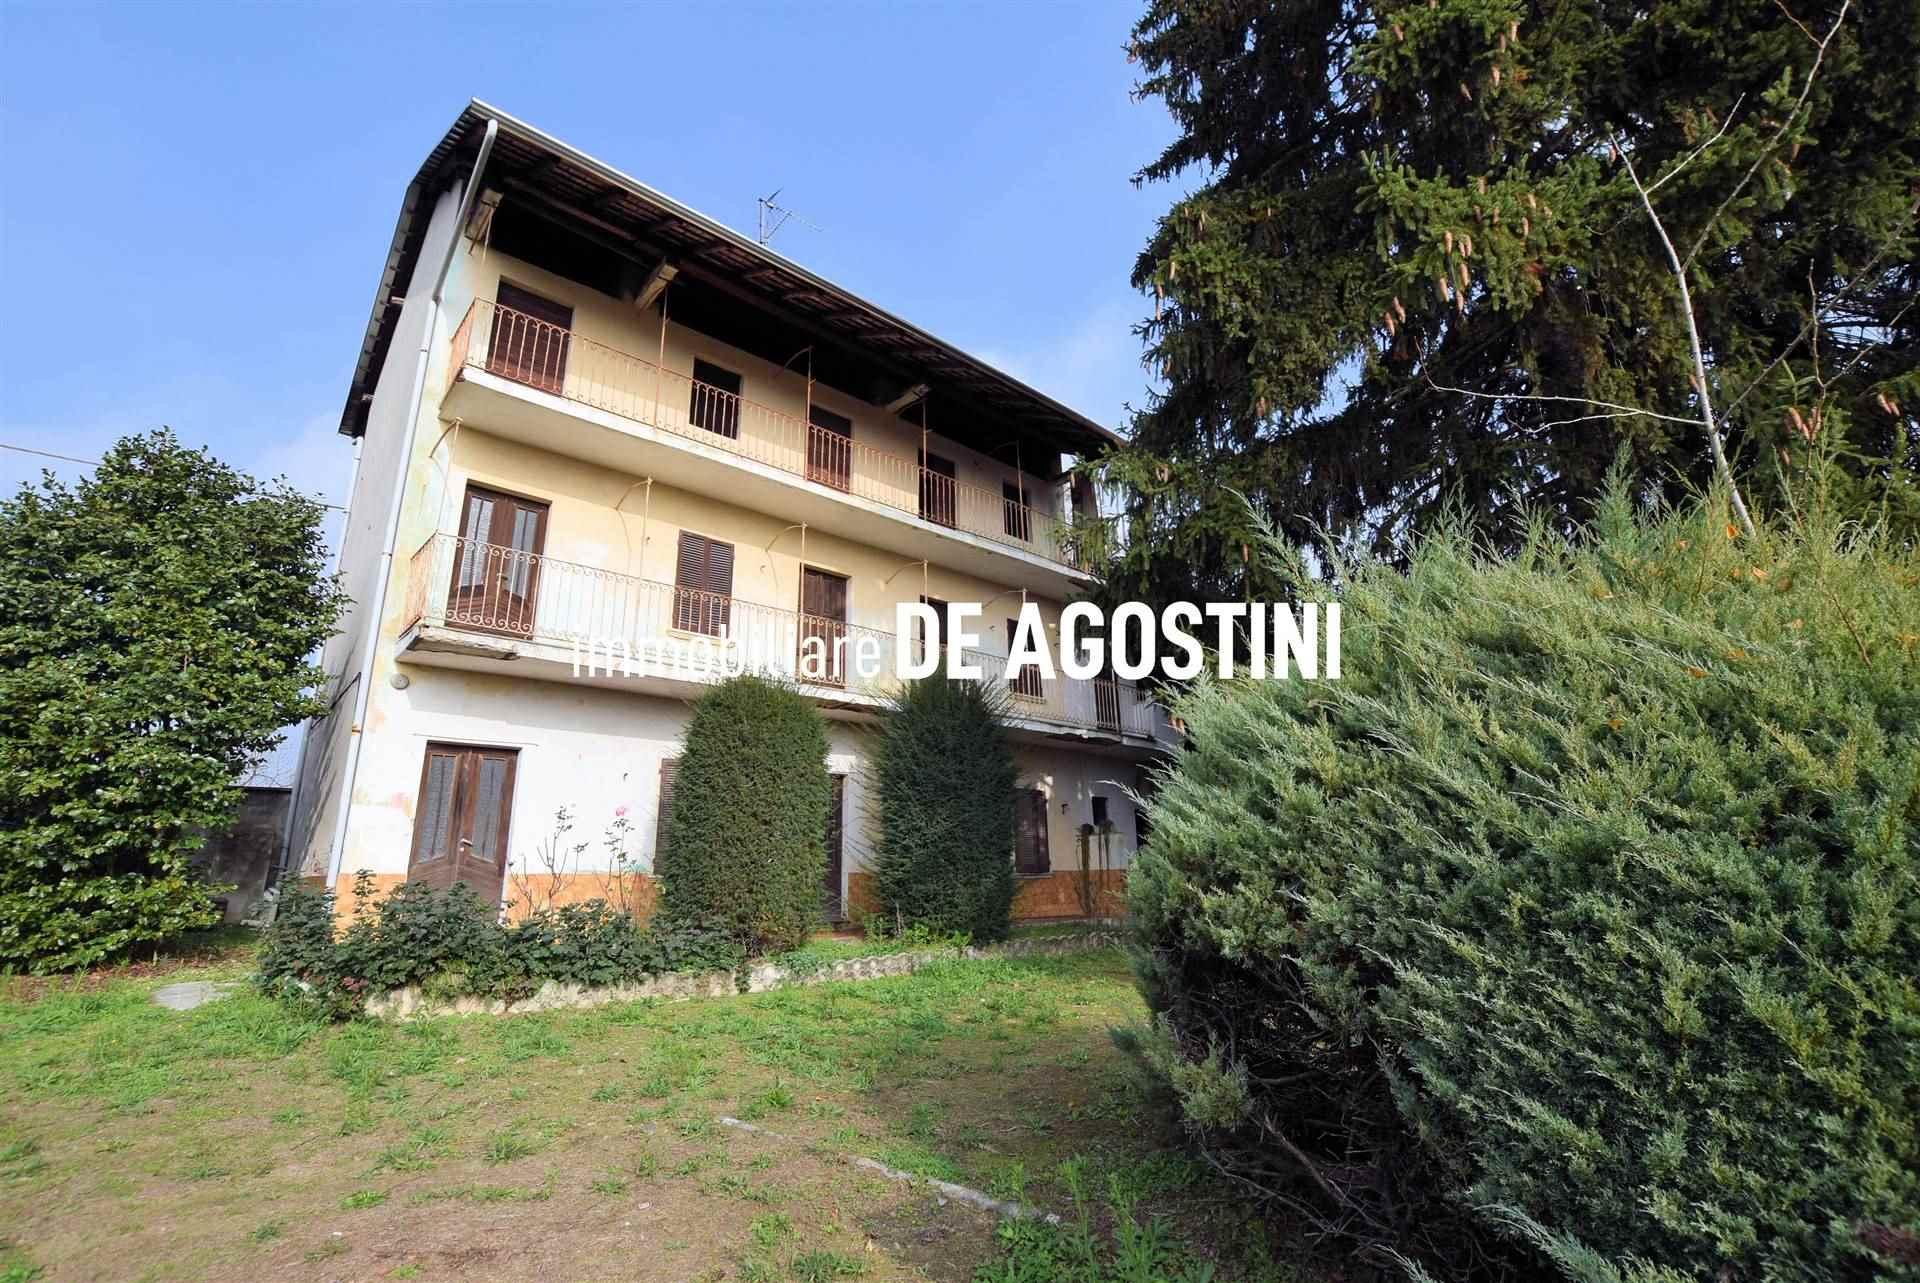 Appartamento in vendita a Bogogno, 7 locali, prezzo € 140.000   PortaleAgenzieImmobiliari.it